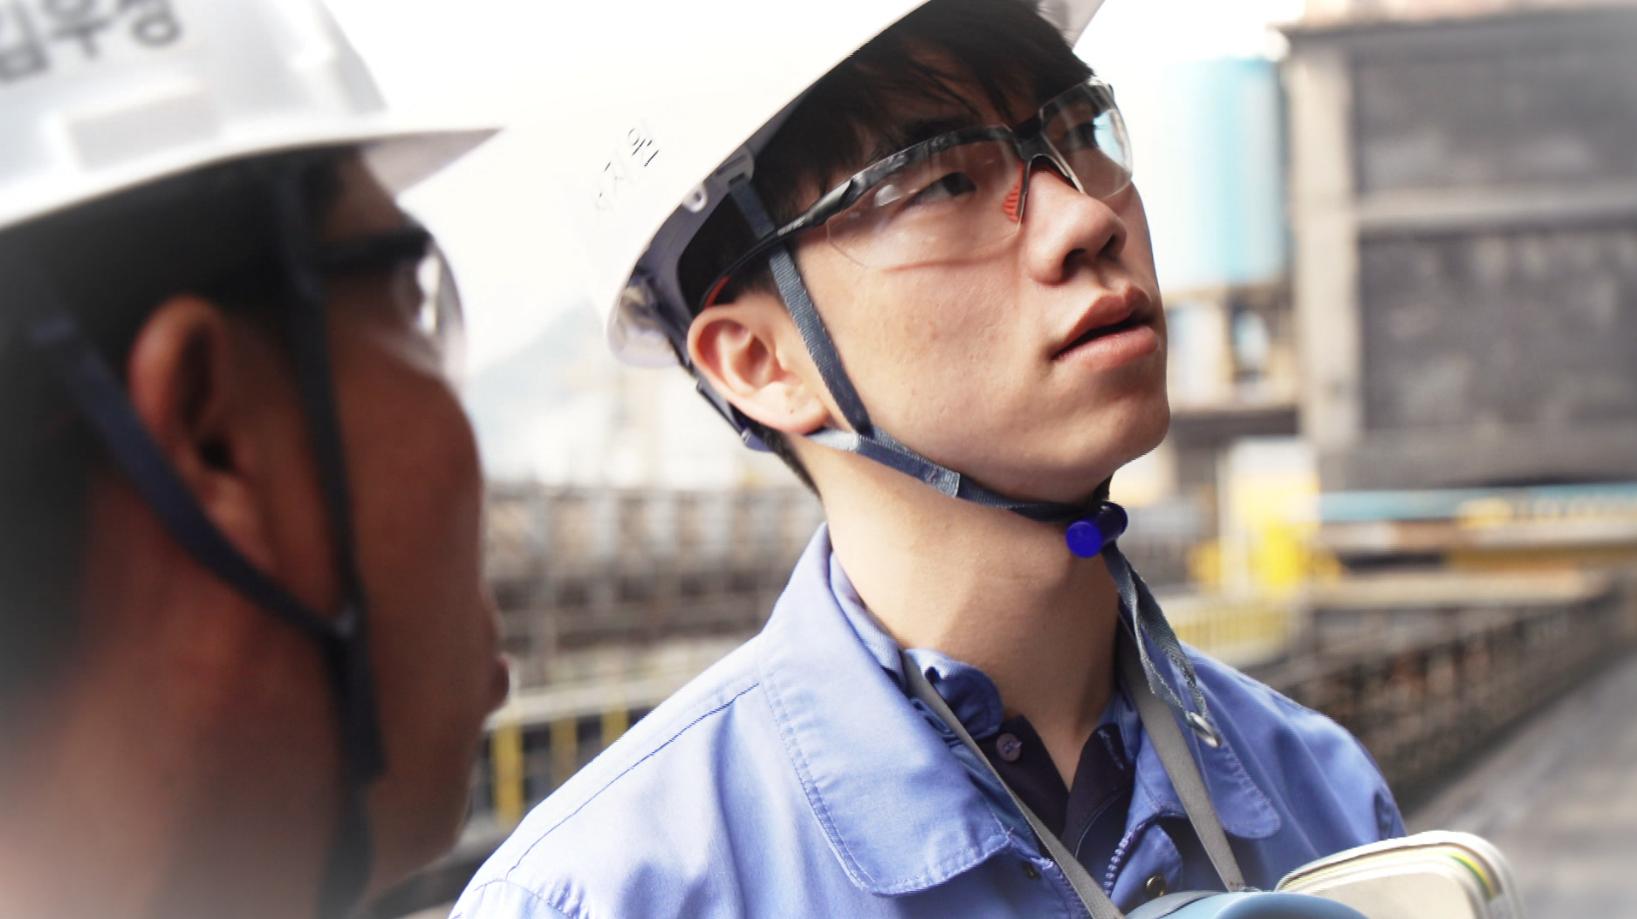 안전모와 안전고글을 착용한 서지원 사원 사진